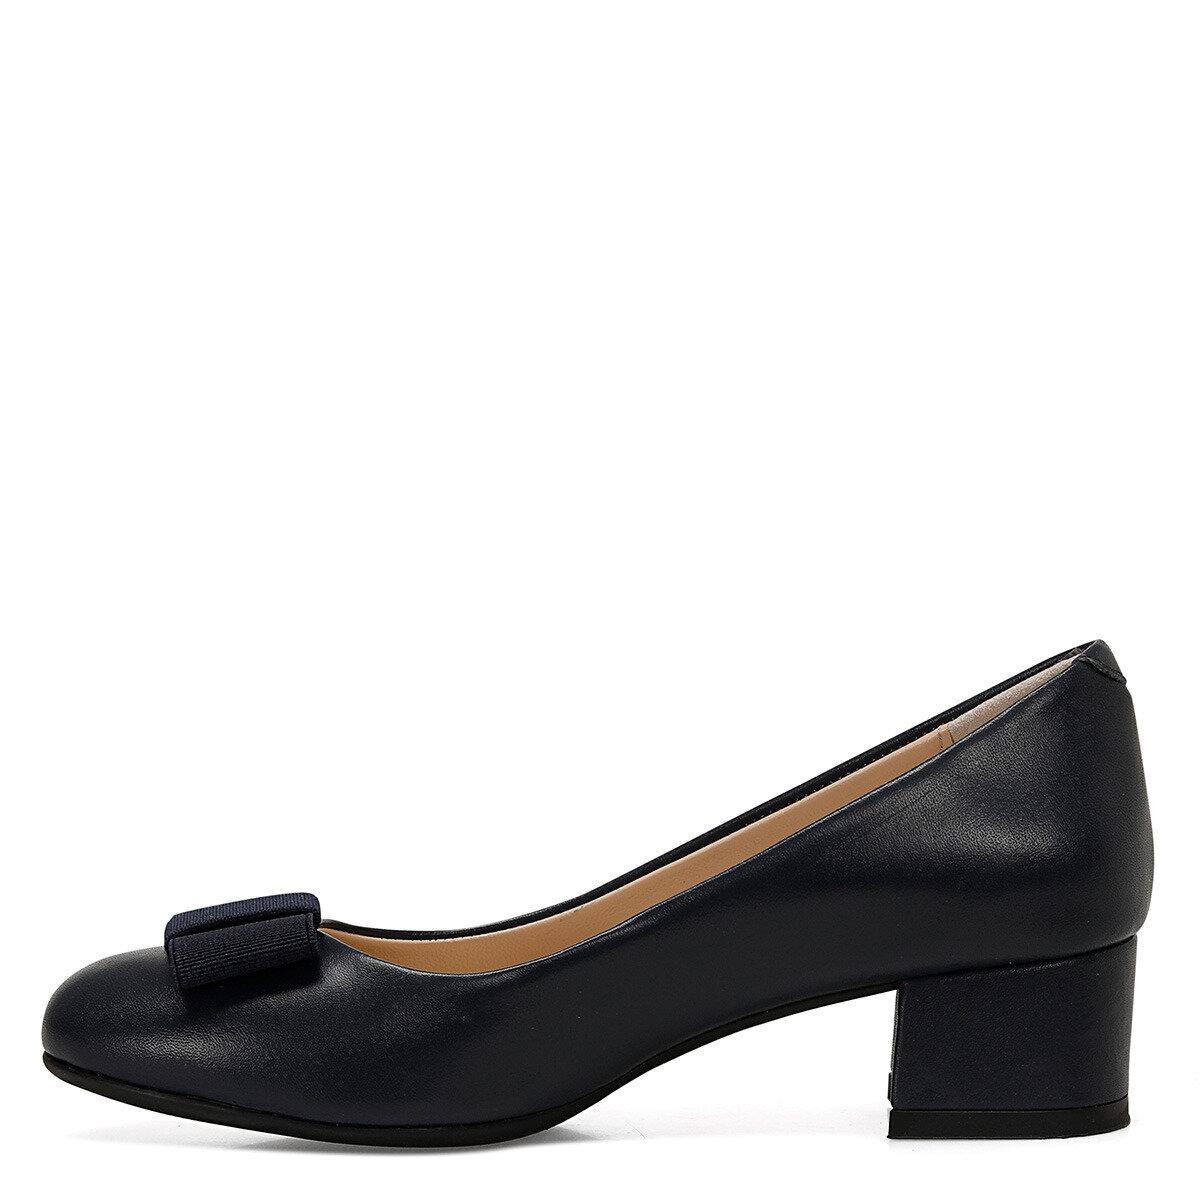 LENI Lacivert Kadın Topuklu Ayakkabı